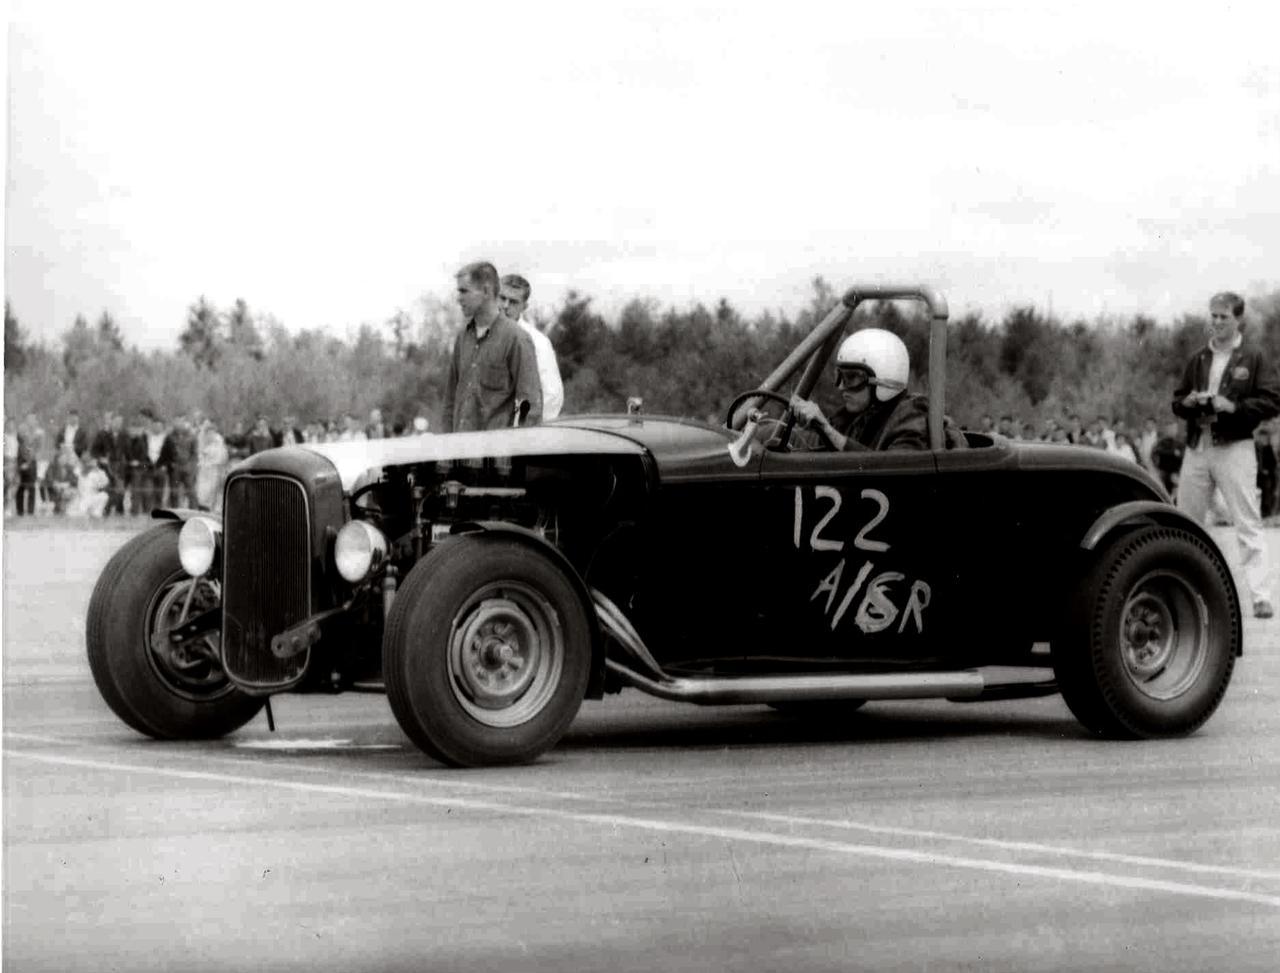 Vintage racing videos final, sorry